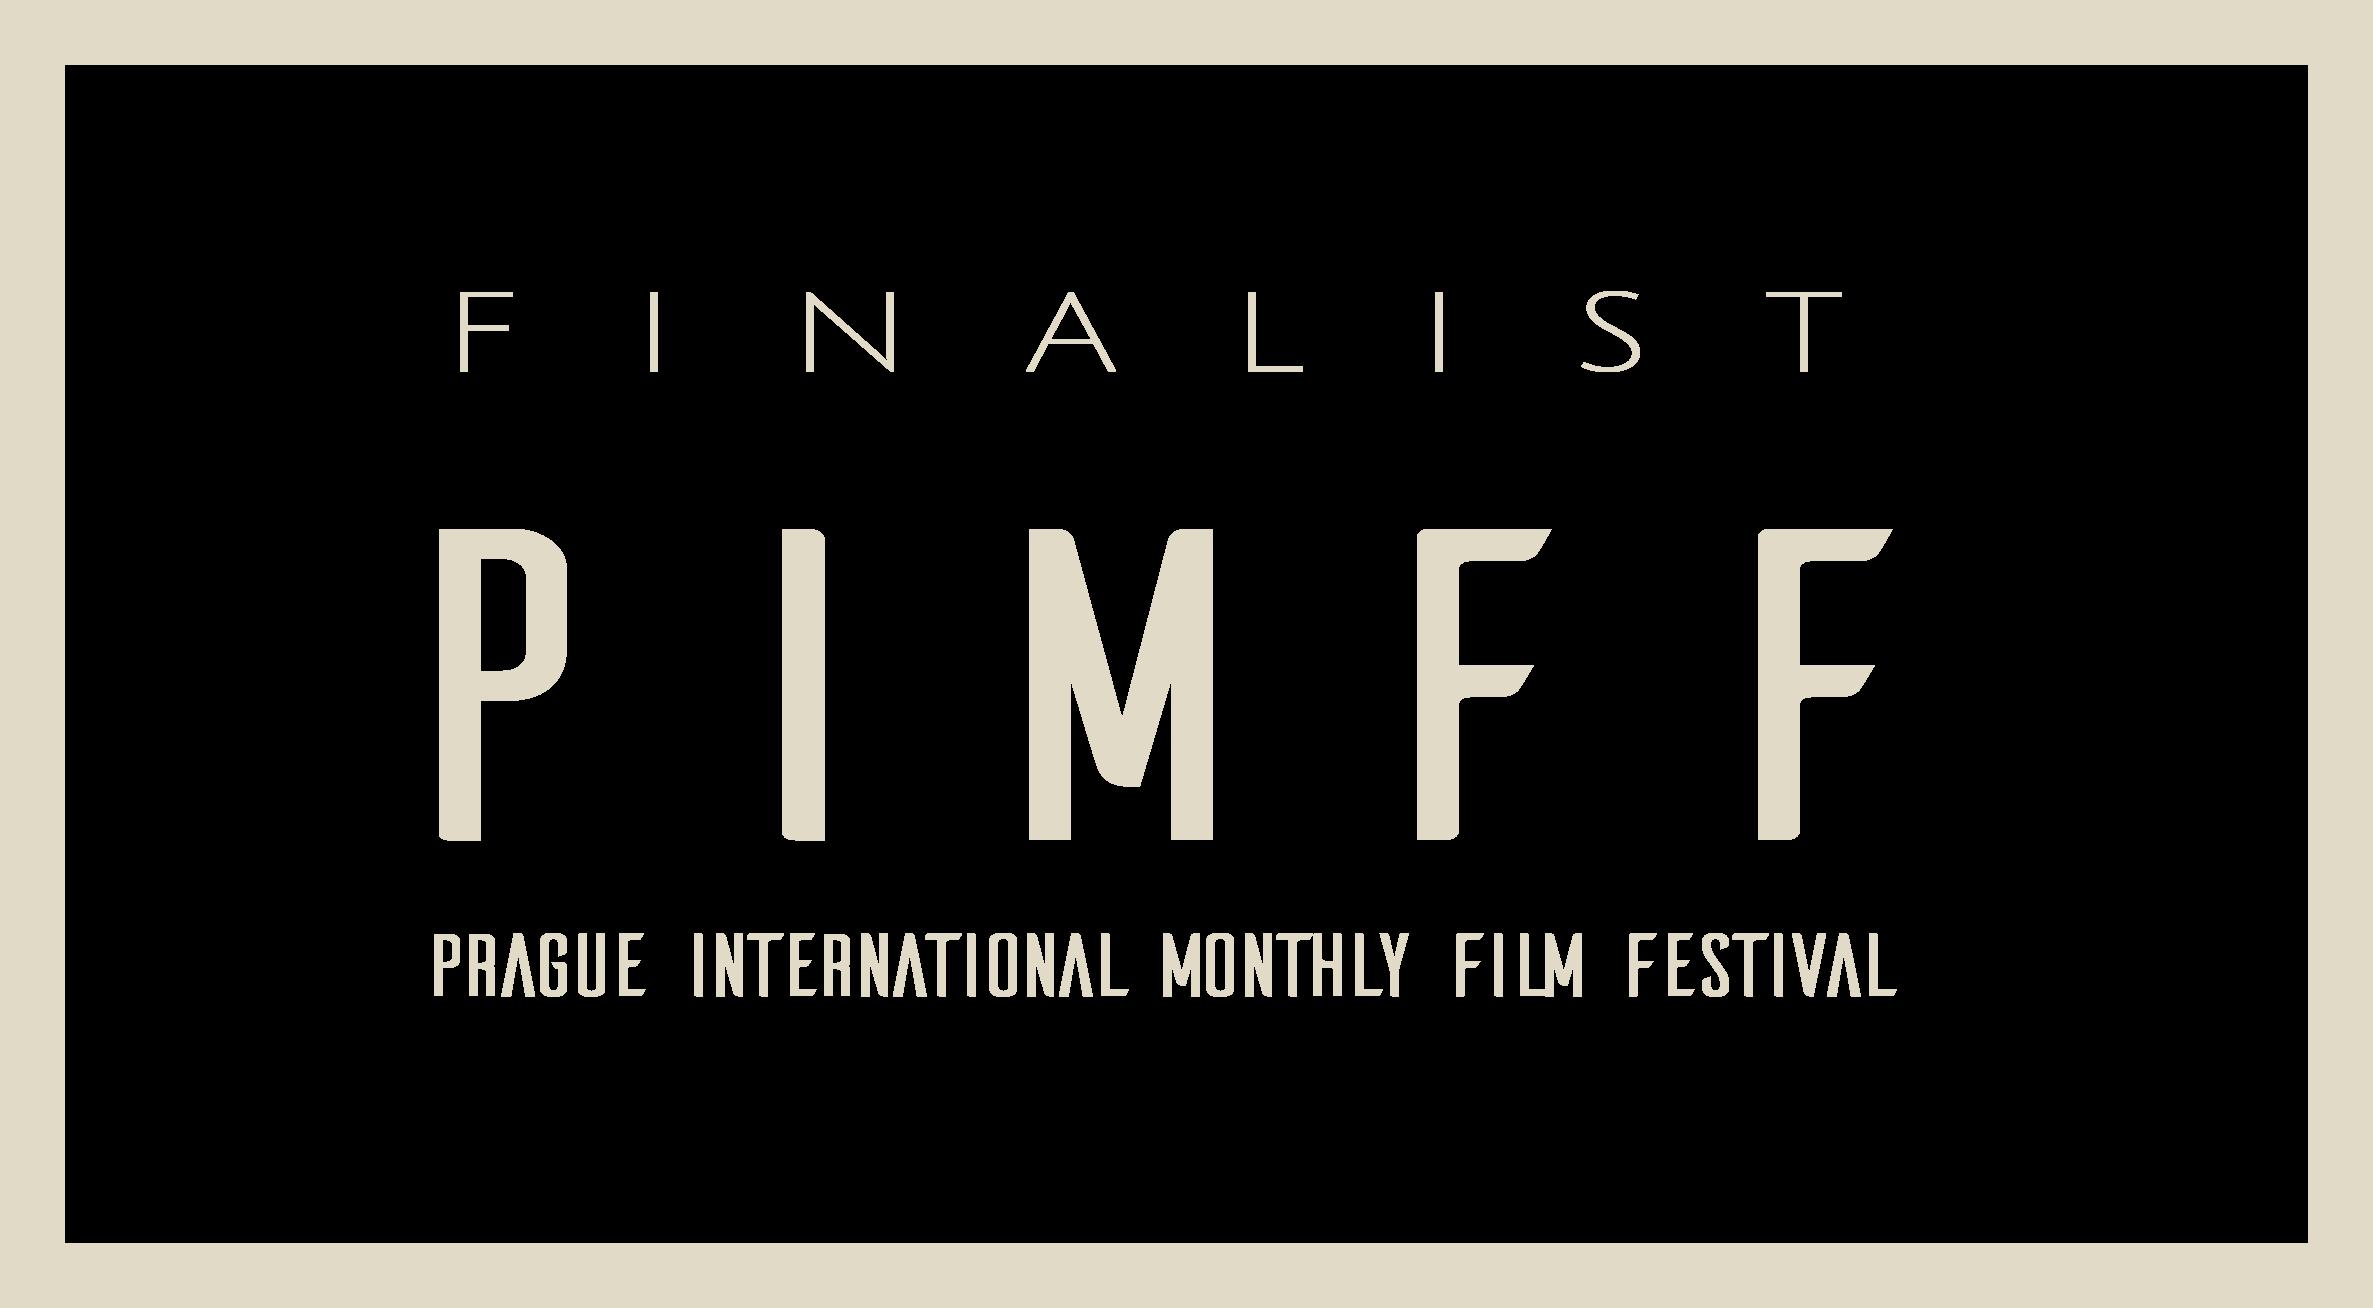 PIMFF Finalist